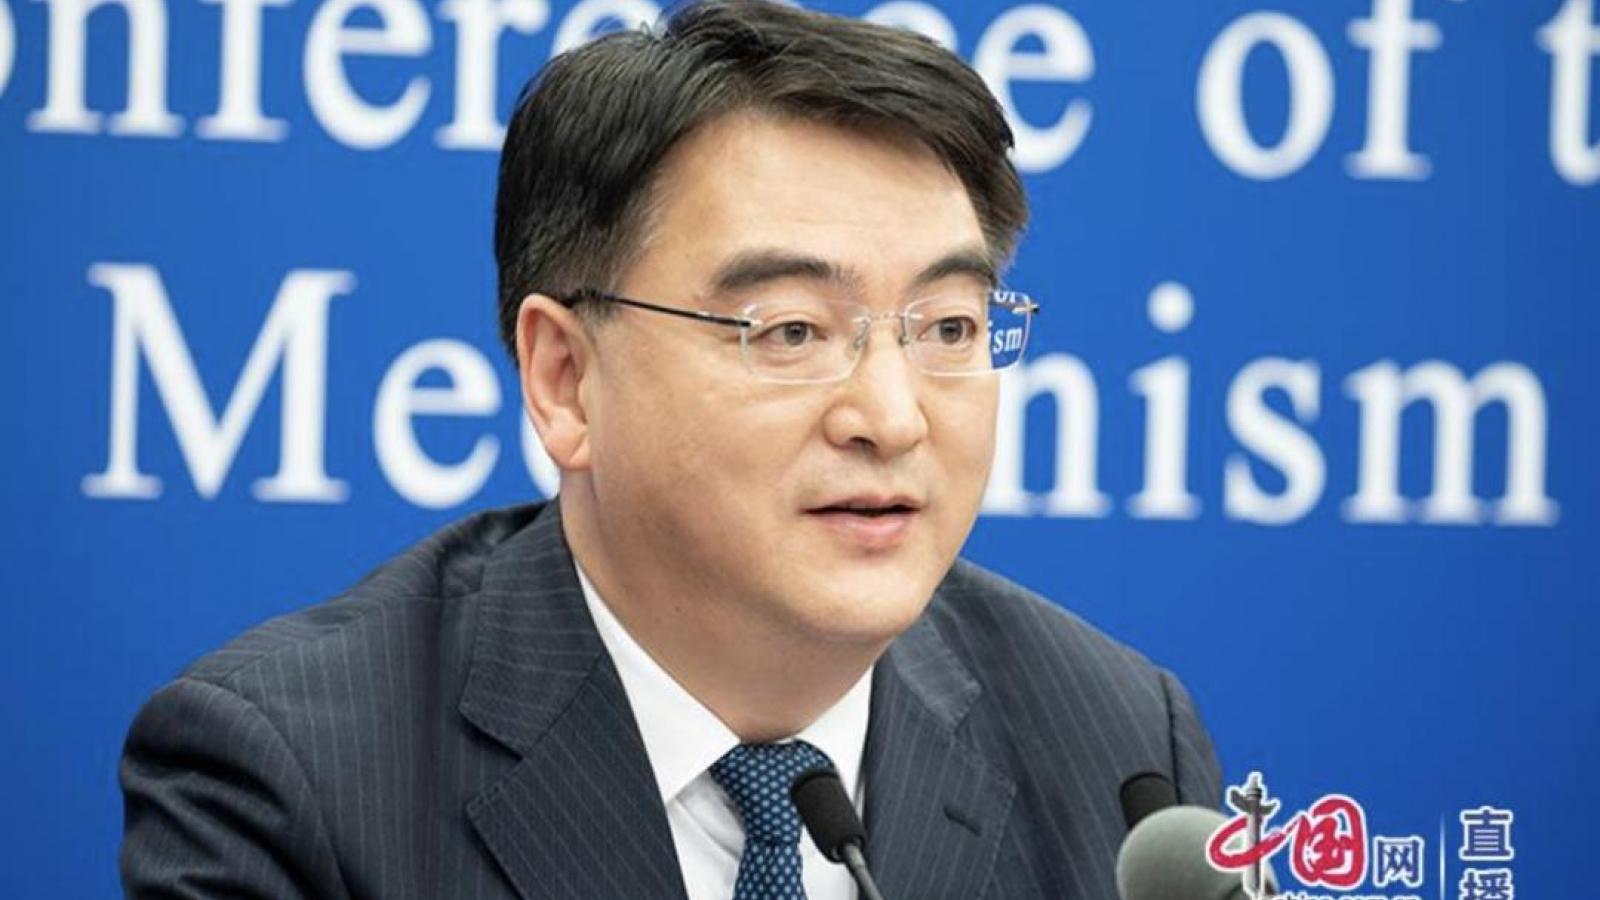 Trung Quốc tham vọng lấp đầy khoảng trống vaccine Covid-19 toàn cầu